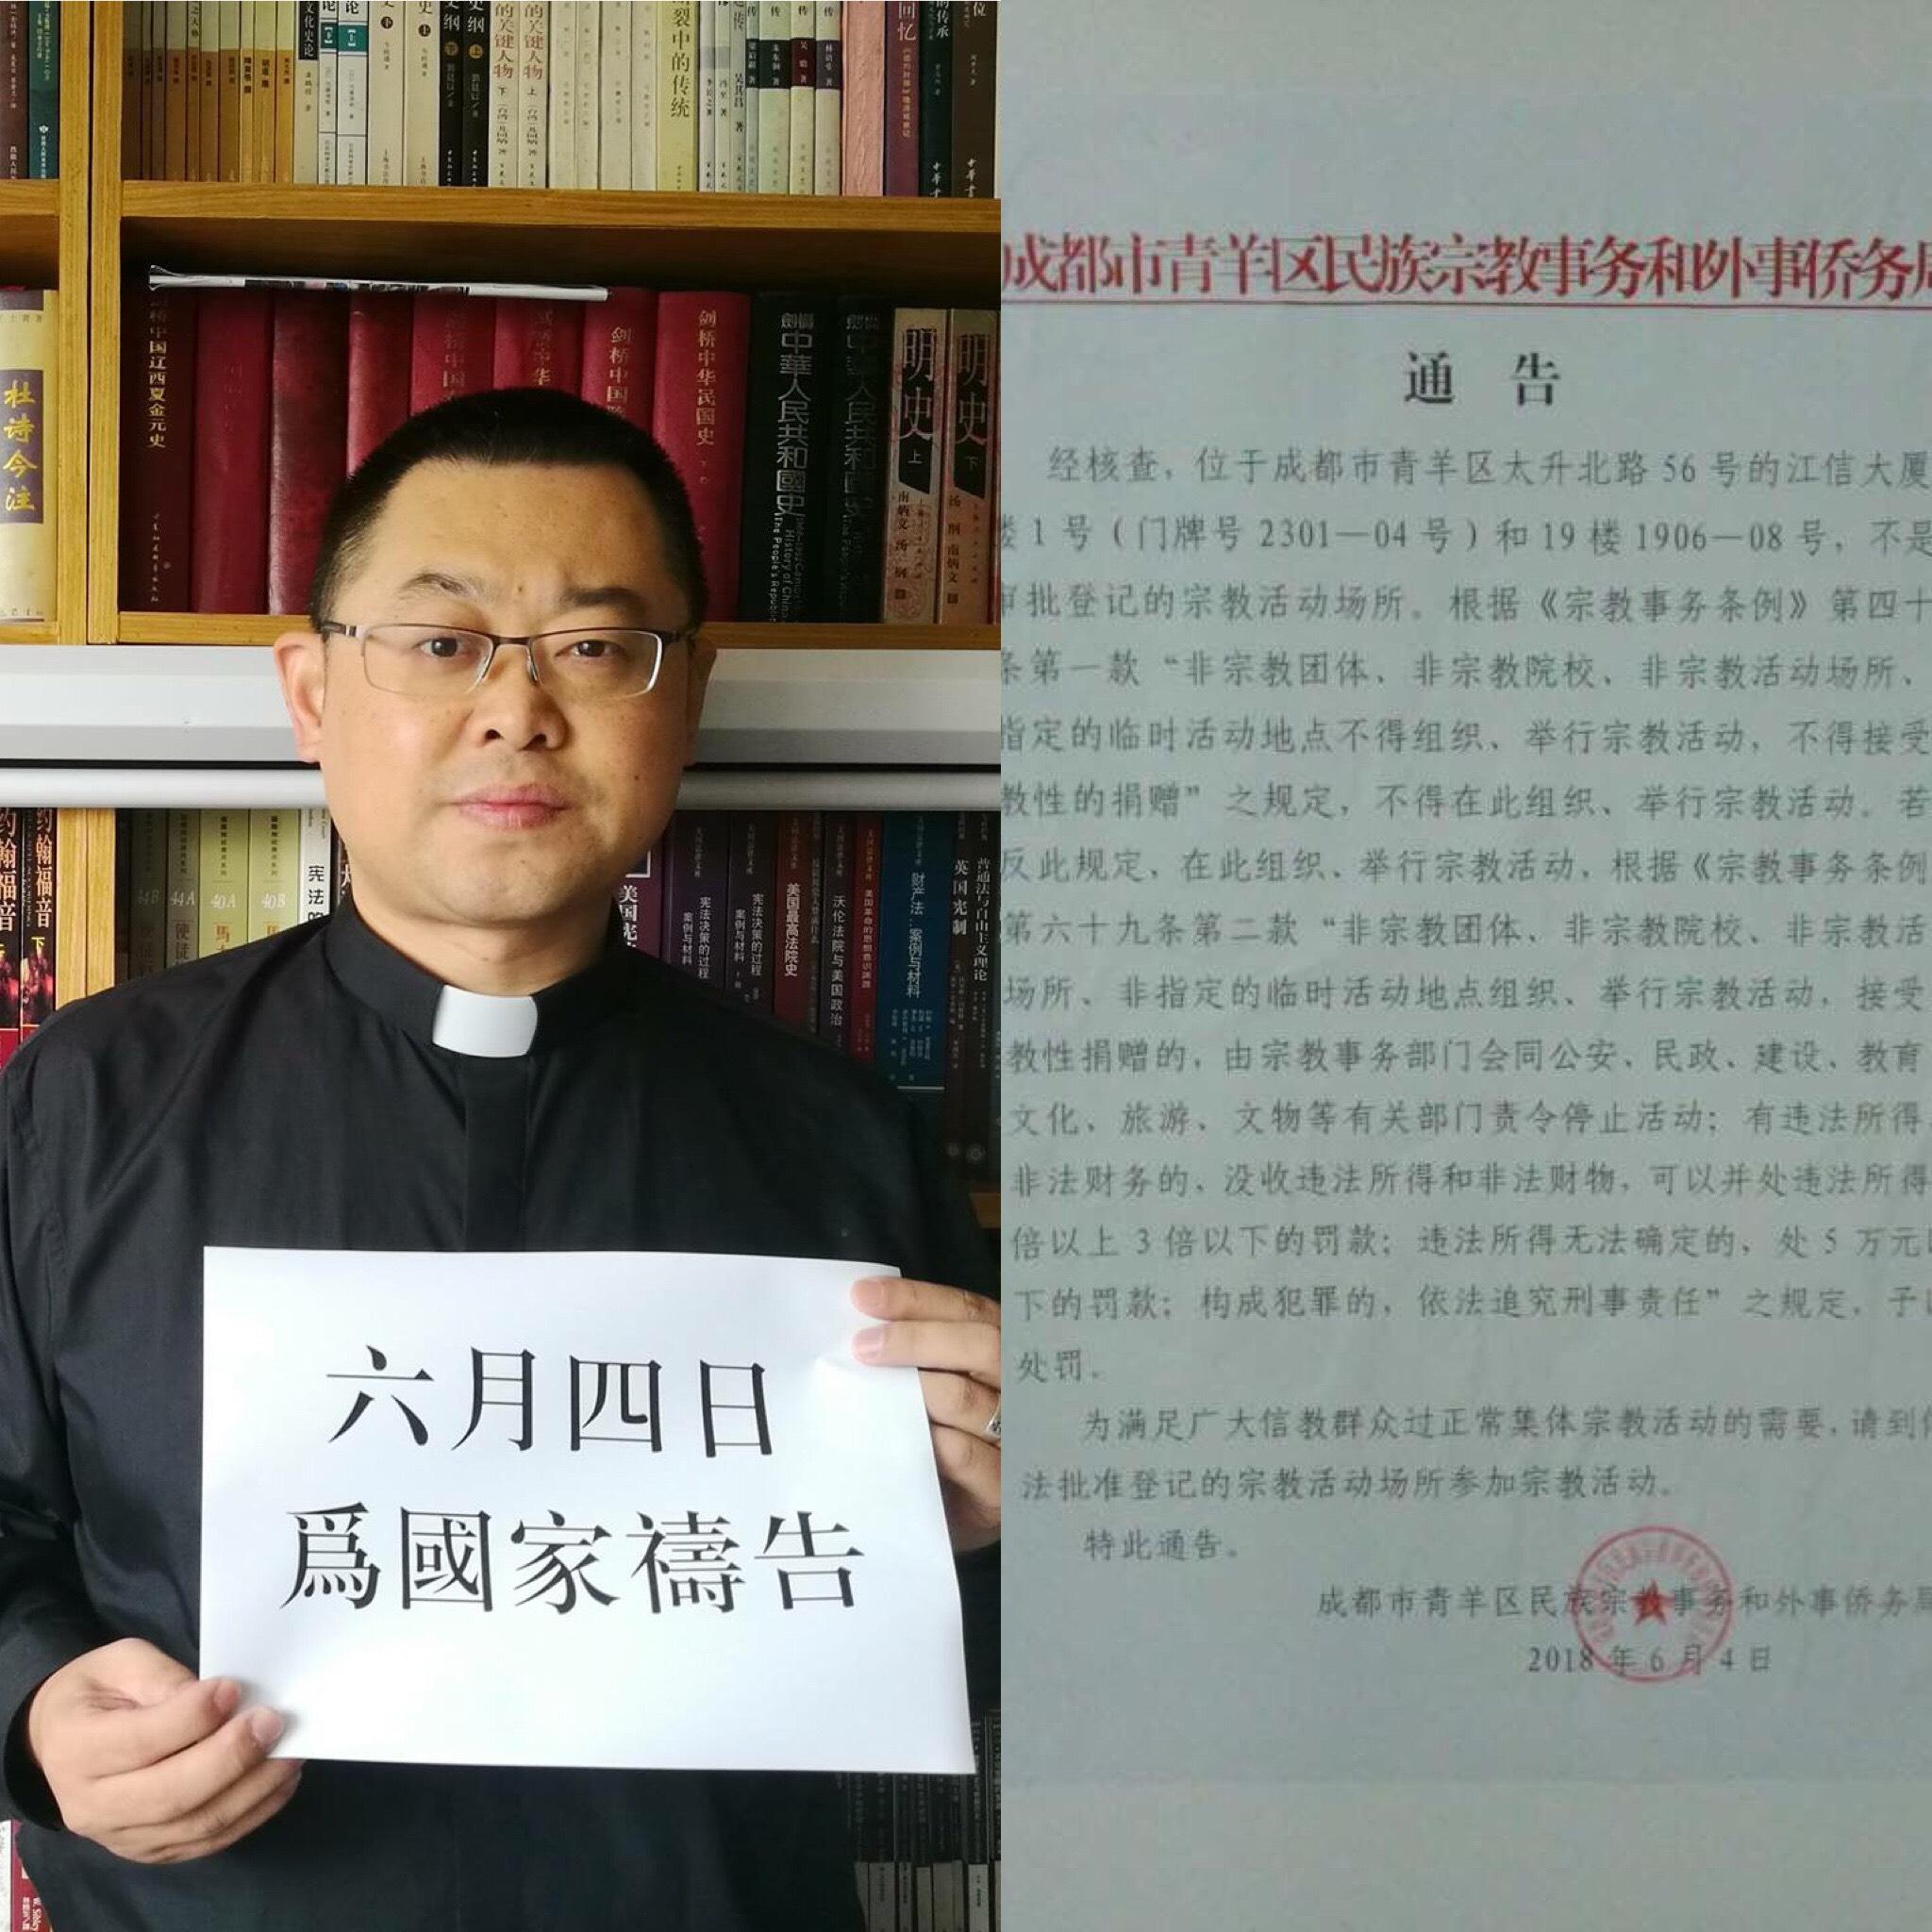 《祈禱有罪》成都秋雨聖約教會六四祈禱近廿人被拘留 | 門徒媒體